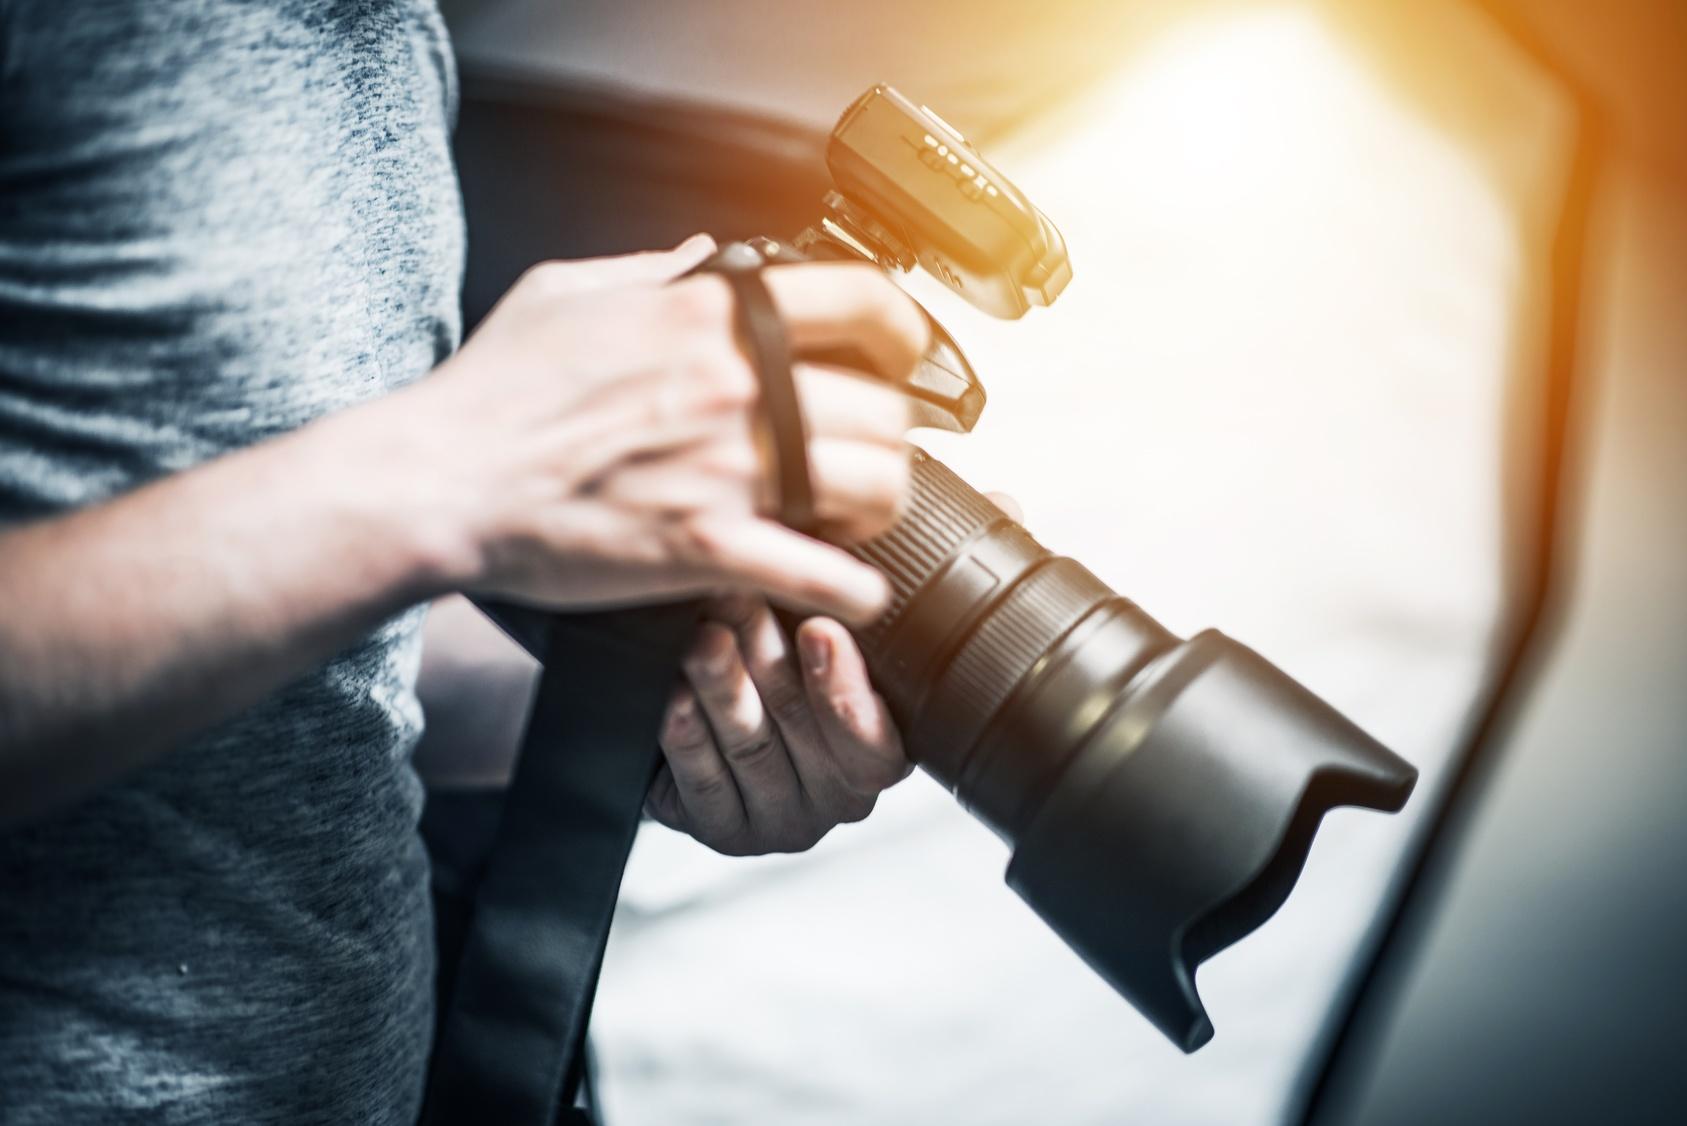 Zbliża się kolejna edycja konkursu fotografii dziecięcej